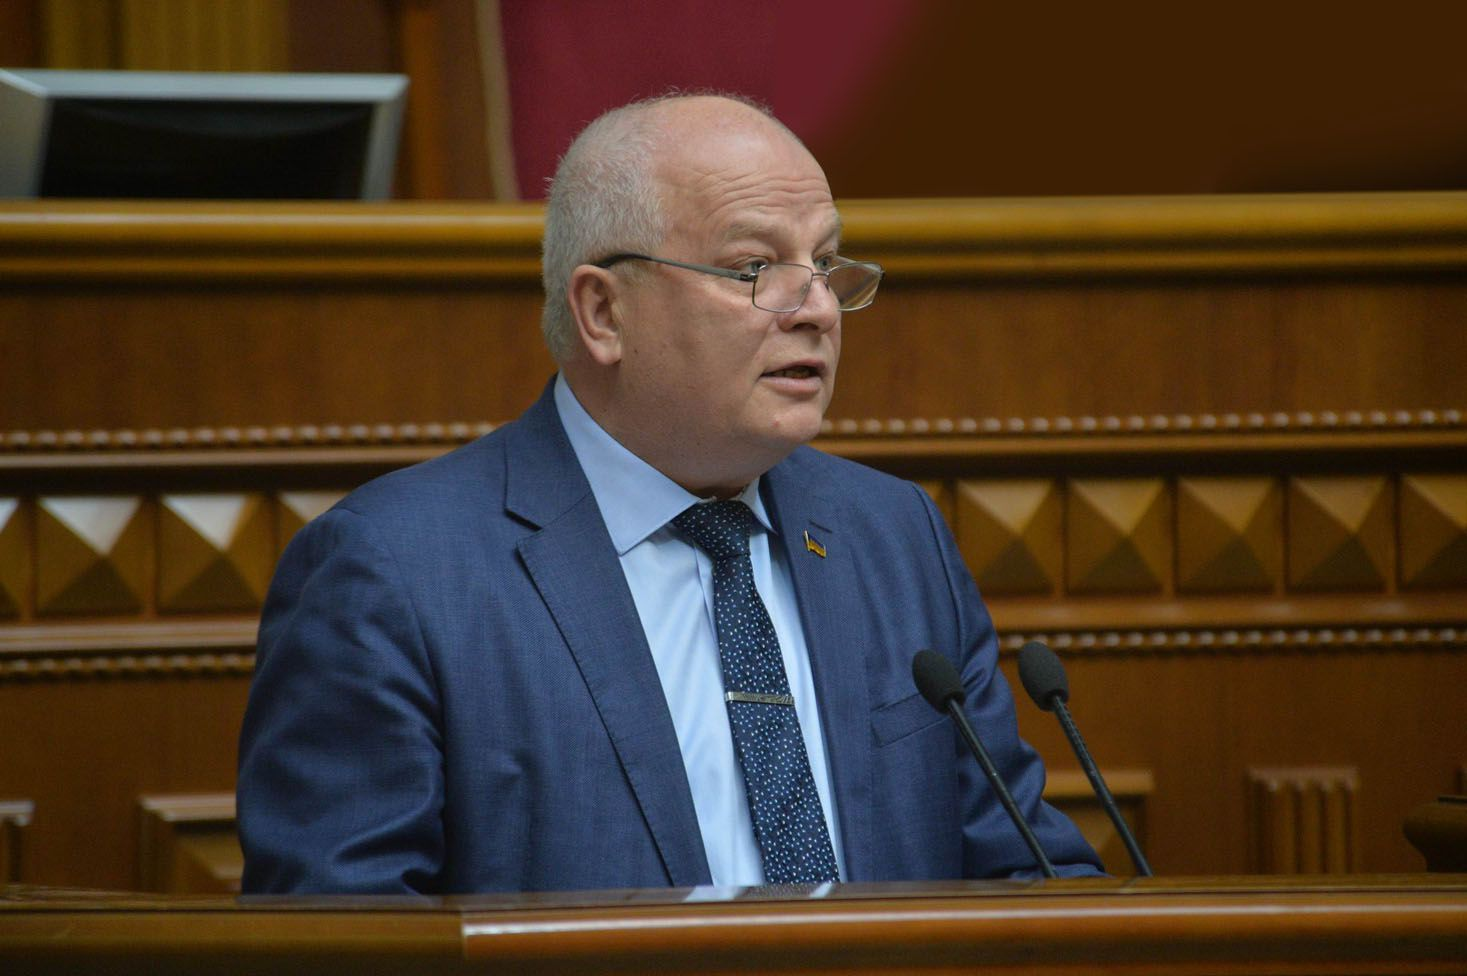 Міністр економічного розвитку та торгівлі звітував за три роки реформ у економічній сфері